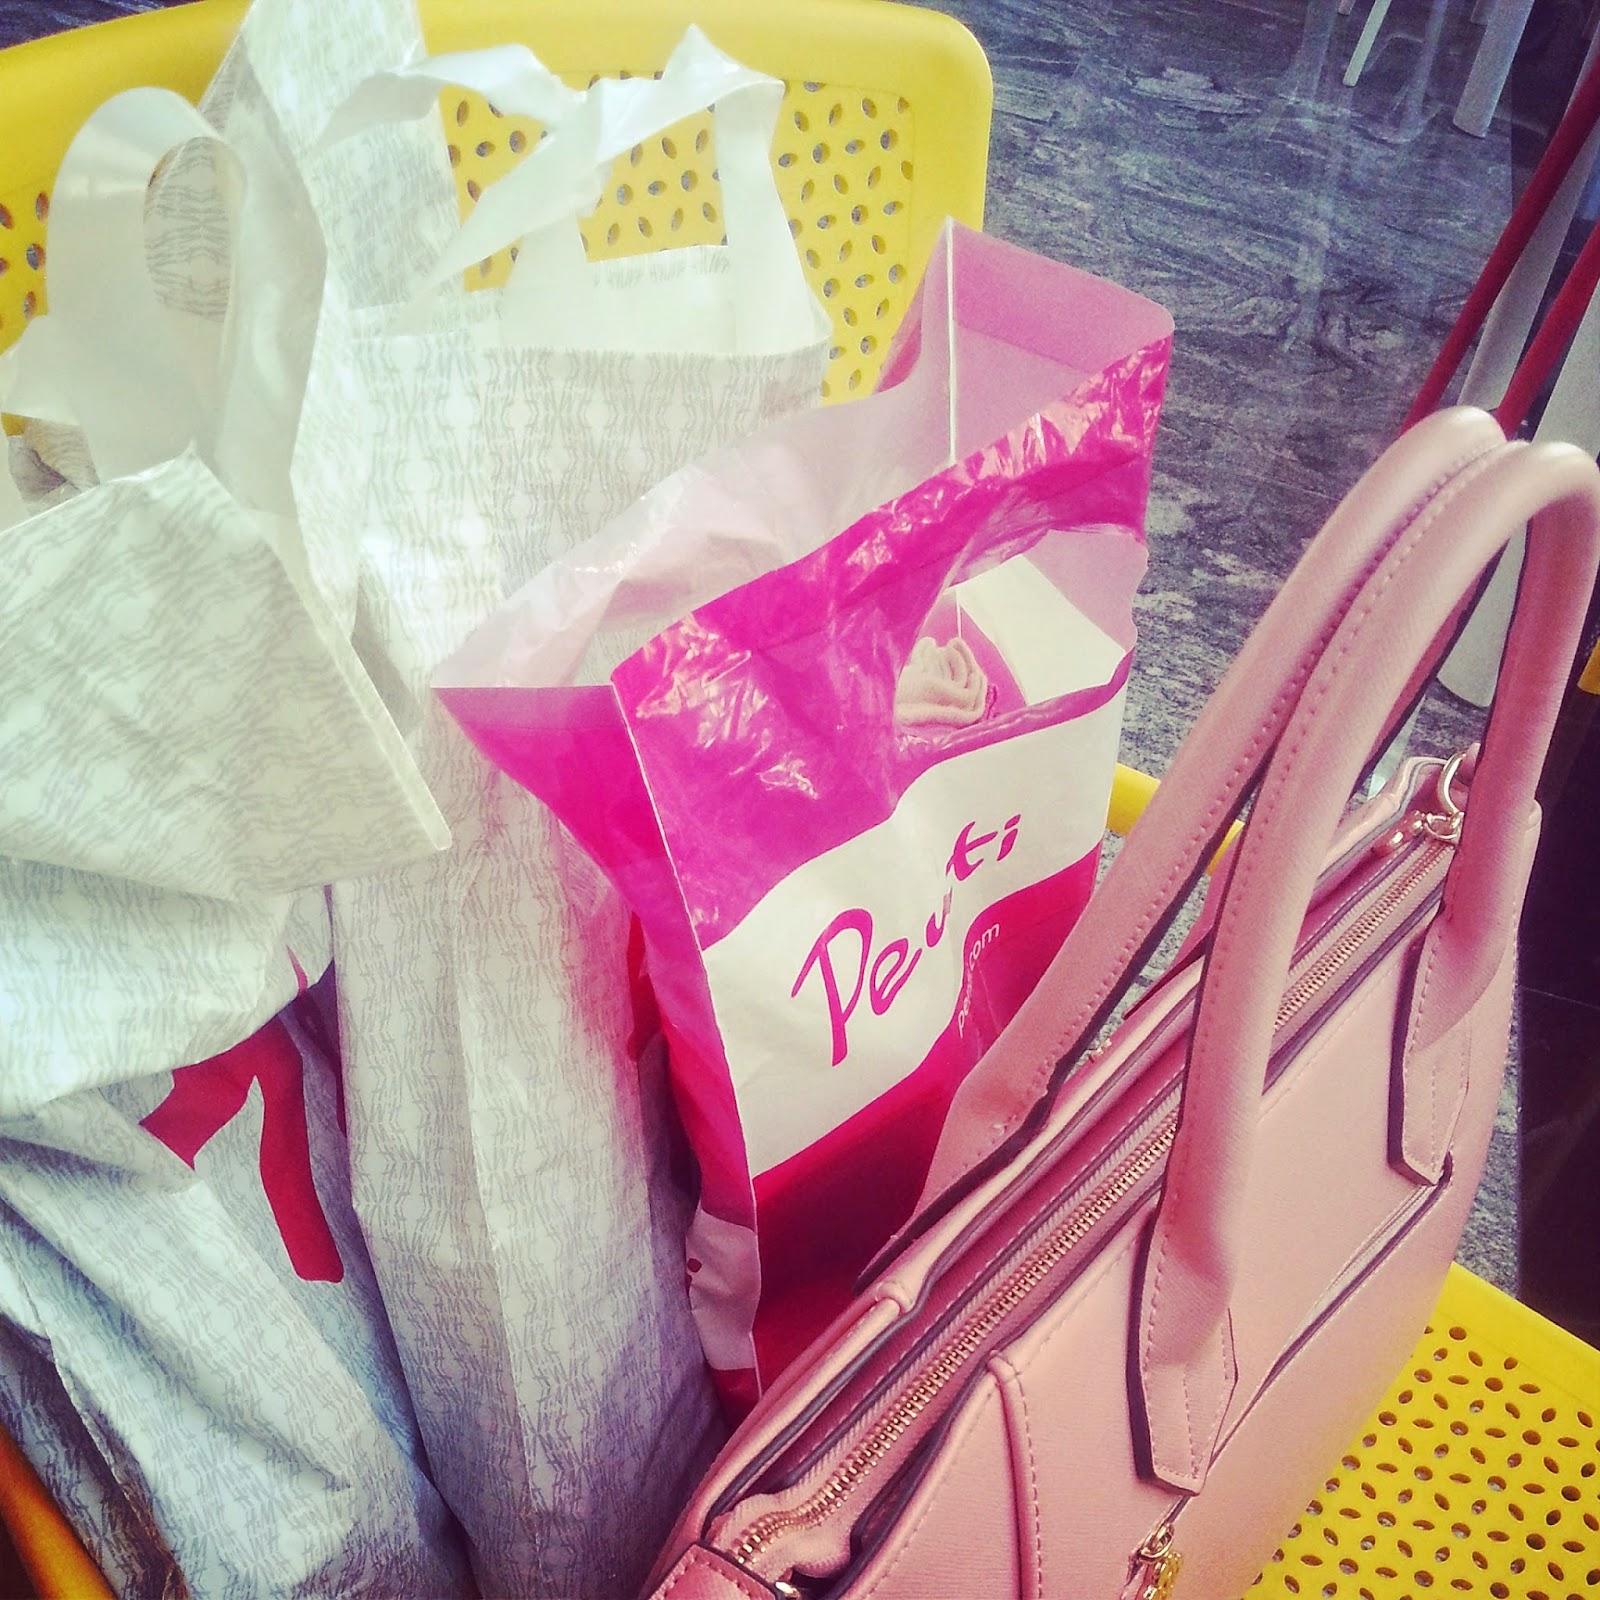 yeniayakkabı-sonzamanlardaben-alışveriş-bayram